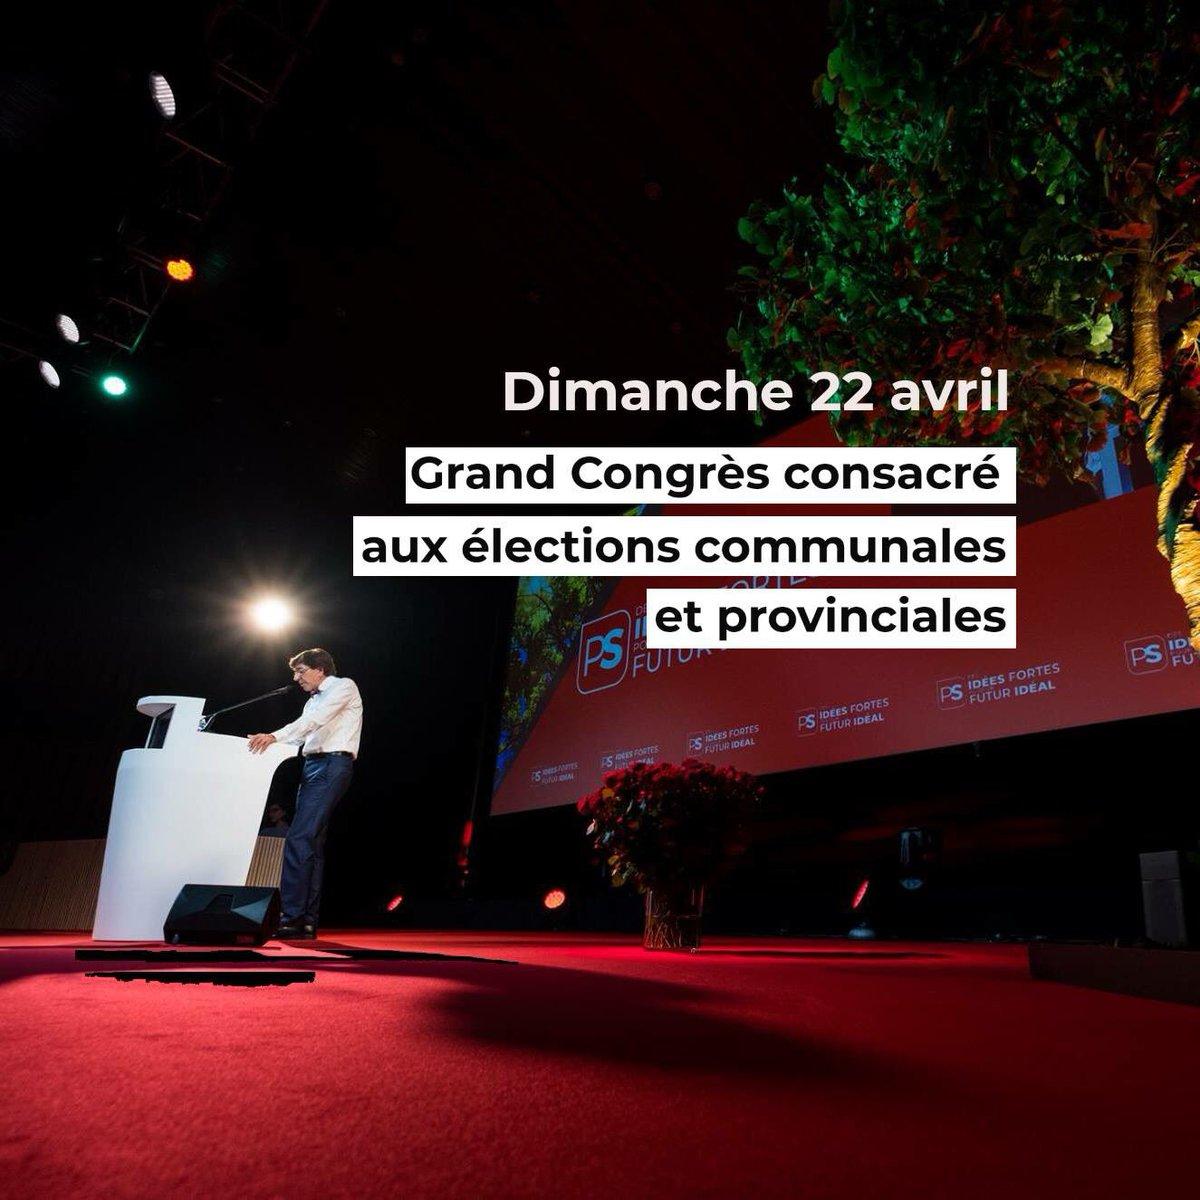 Je vous donne rendez-vous dans moins d'une heure à Charleroi Danse pour notre grand Congrès consacré aux élections communales et provinciales. Vous pourrez suivre notre Congrès en LIVE sur la page Facebook du @PSofficiel. Quant à moi, je serai en direct aux alentours de 12h30